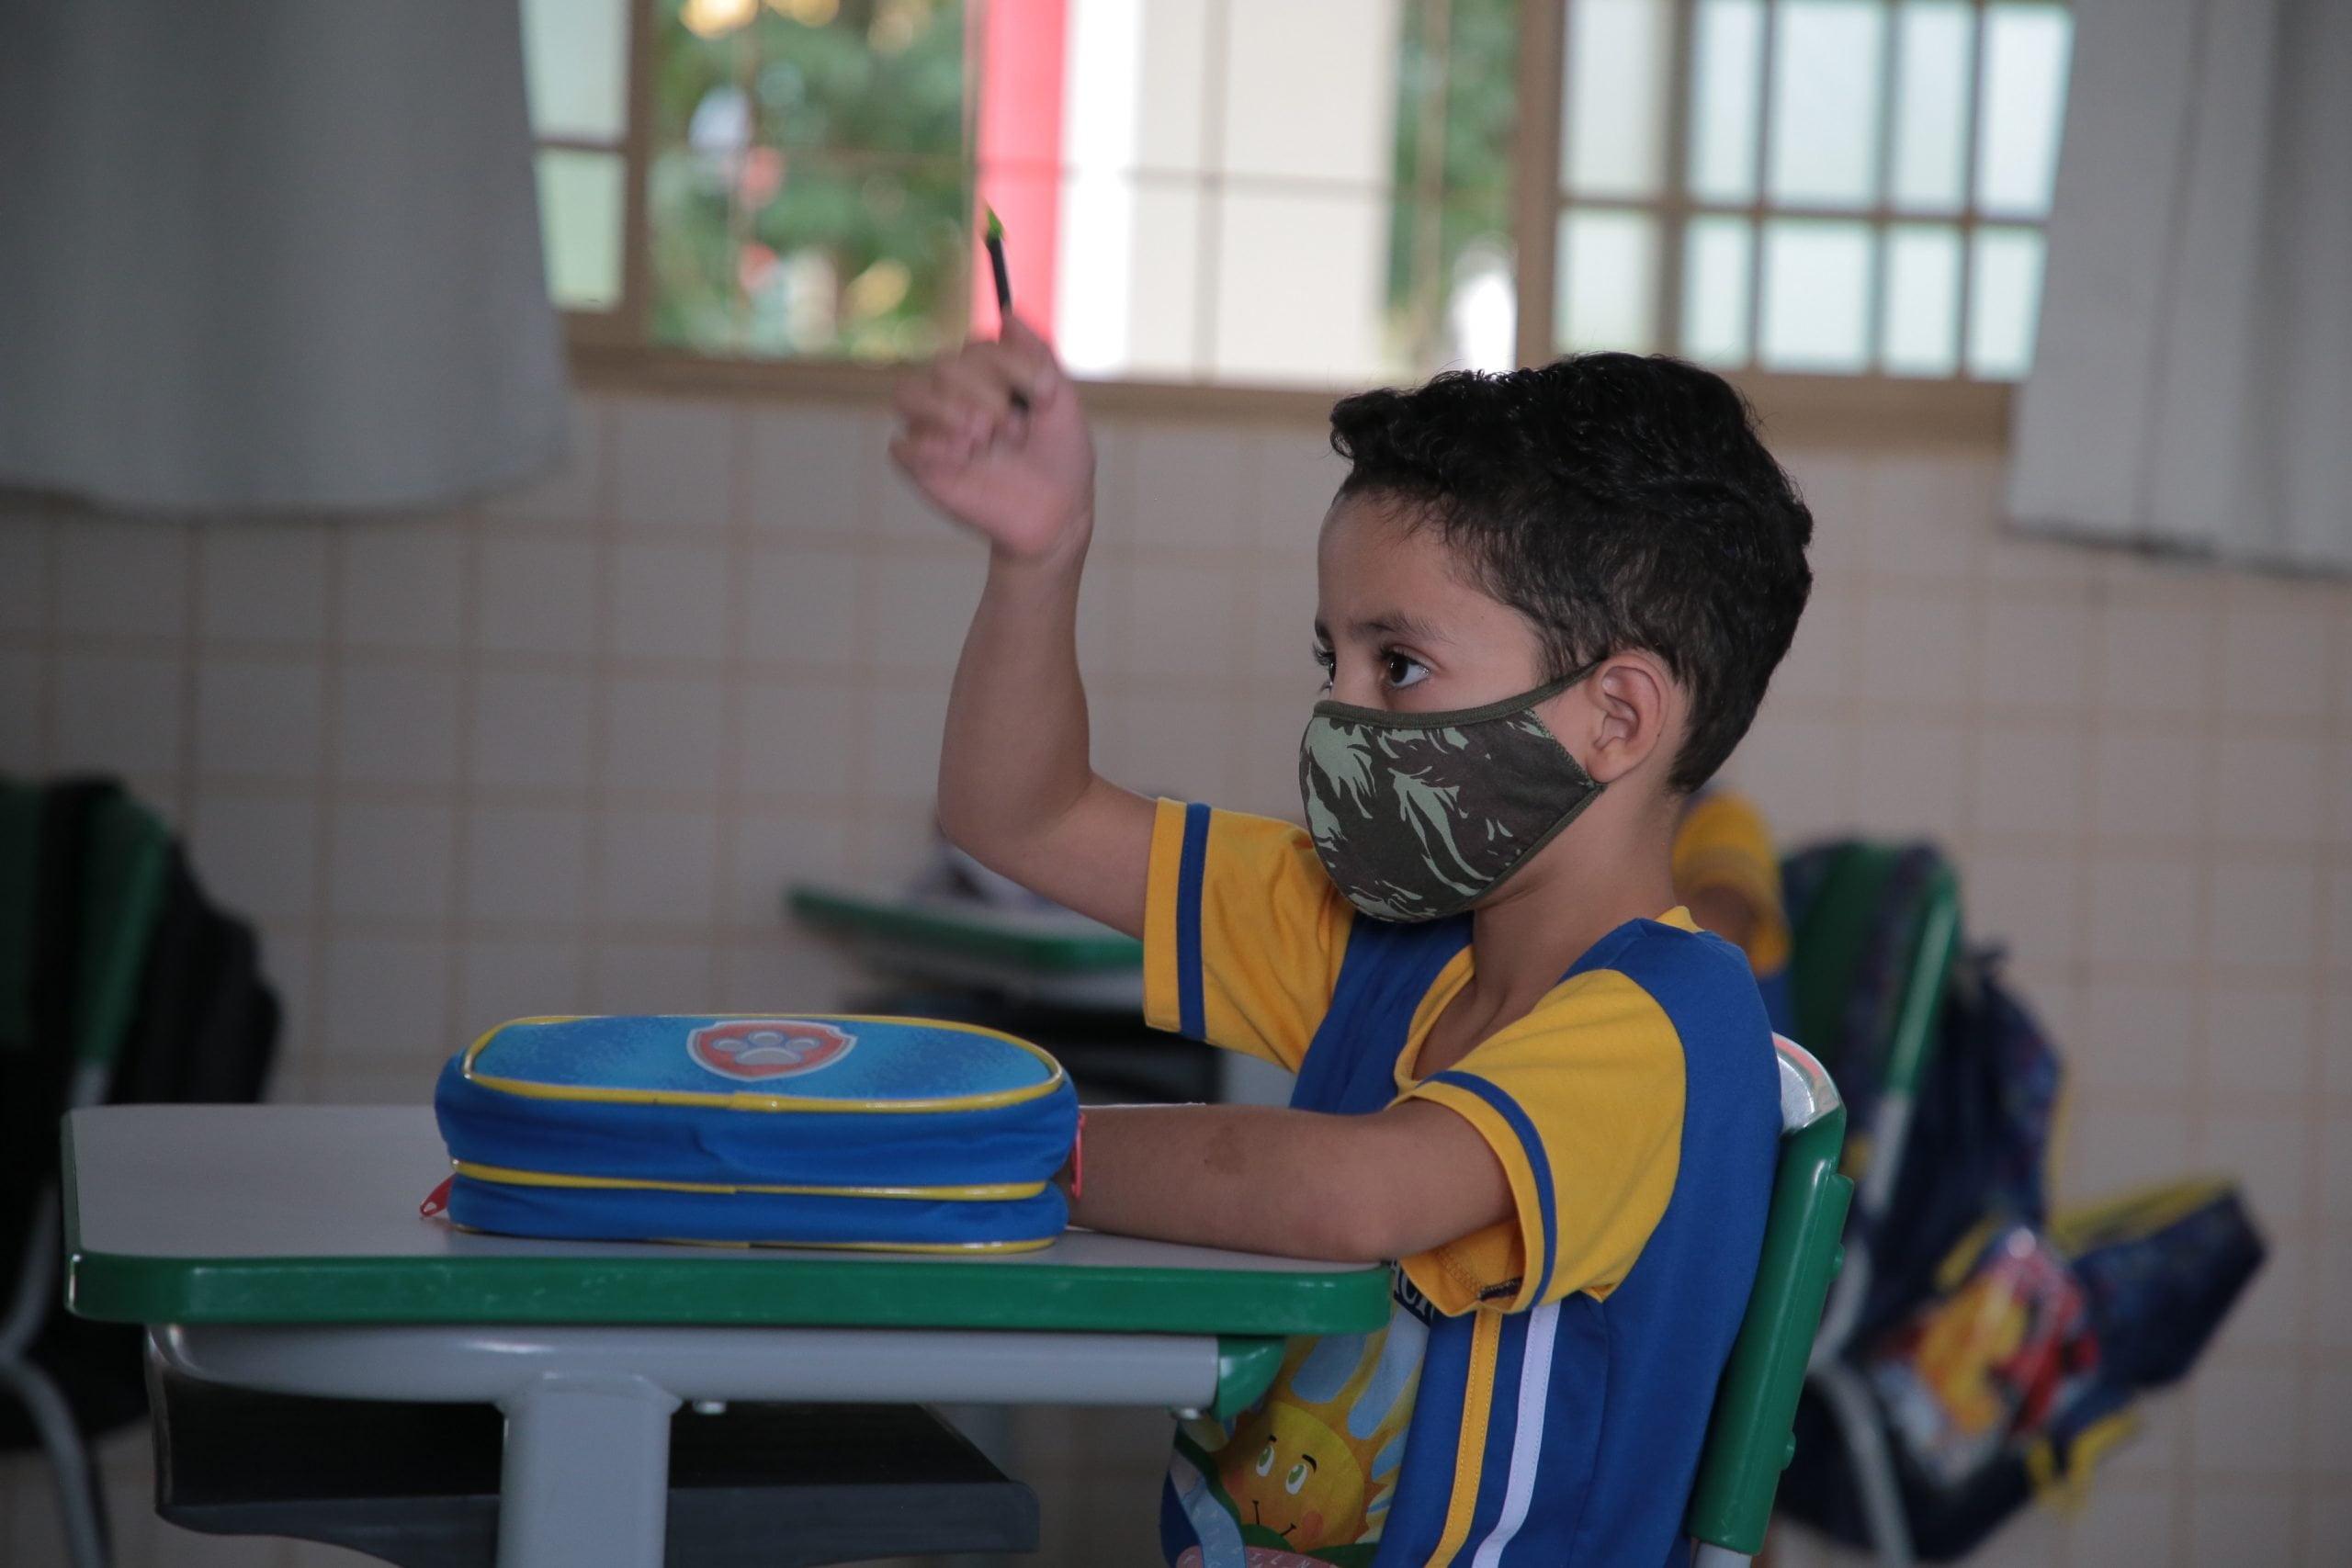 Busca Ativa: pais e responsáveis devem garantir educação e matricular seus filhos; veja como